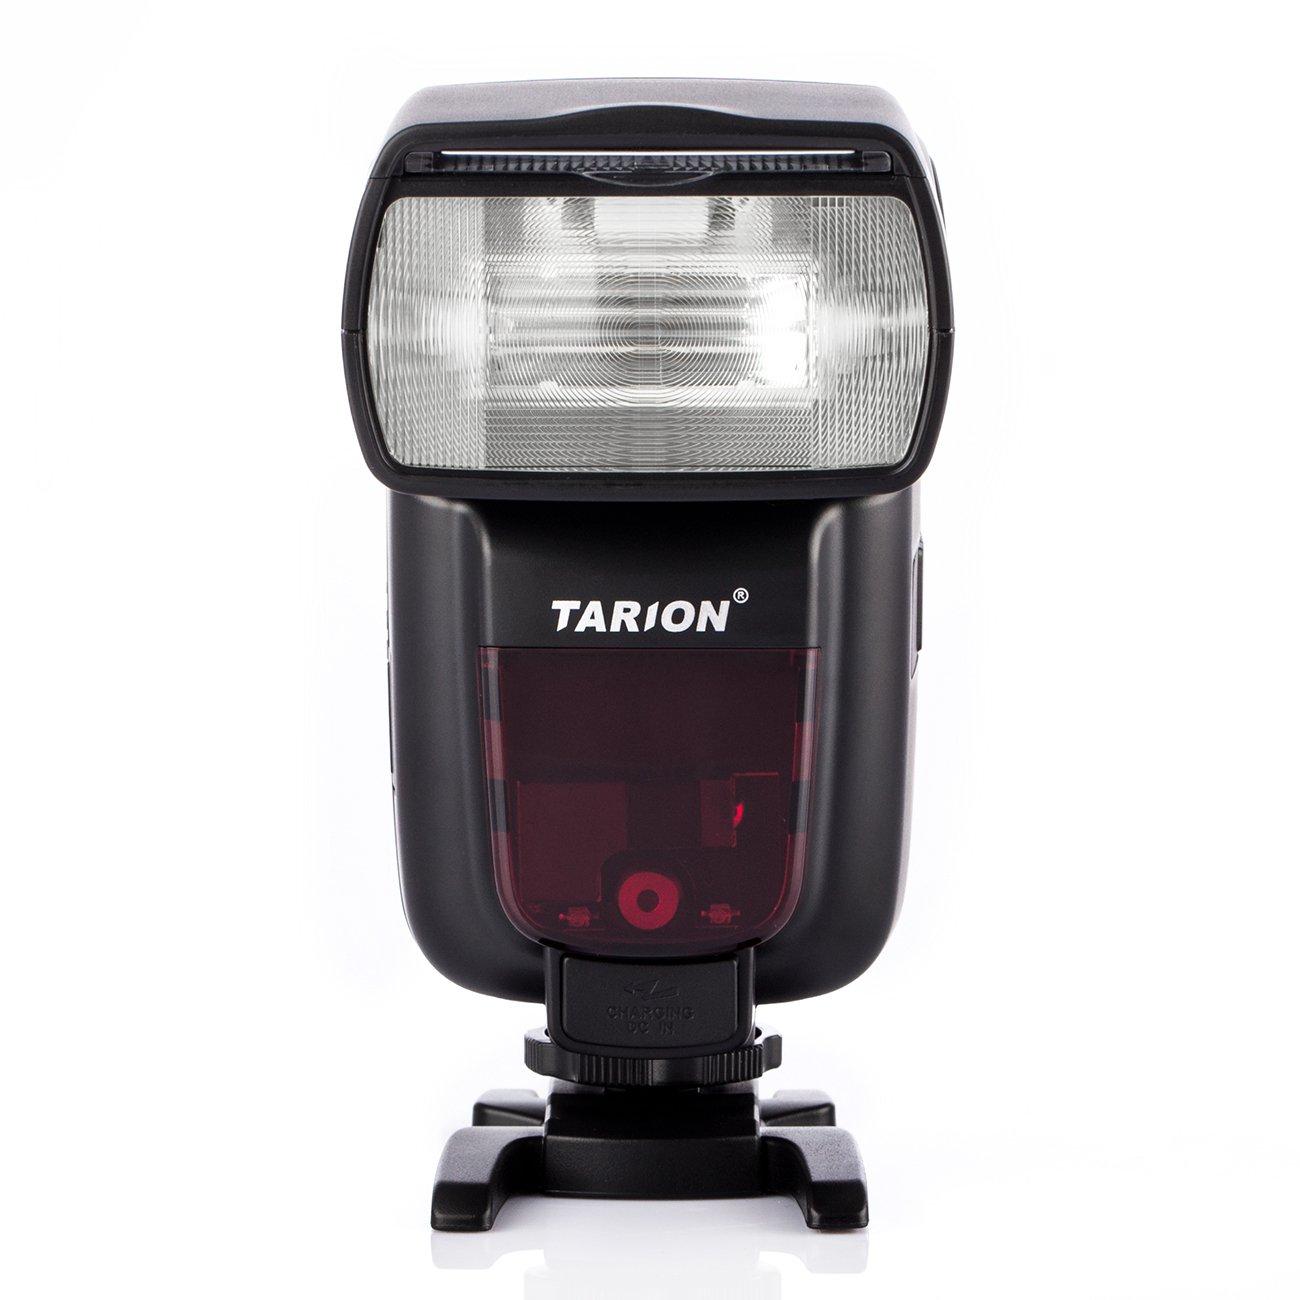 TARION TF685C カメラフラッシュ スピードライト ストロボ E-TTL HSS 1/8000S S1 S2 2.4G ワイヤレスシステム内蔵 Canon Dslr デジタル 一眼レフカメラ に対応  TARION TF685C B01GHBK2MQ